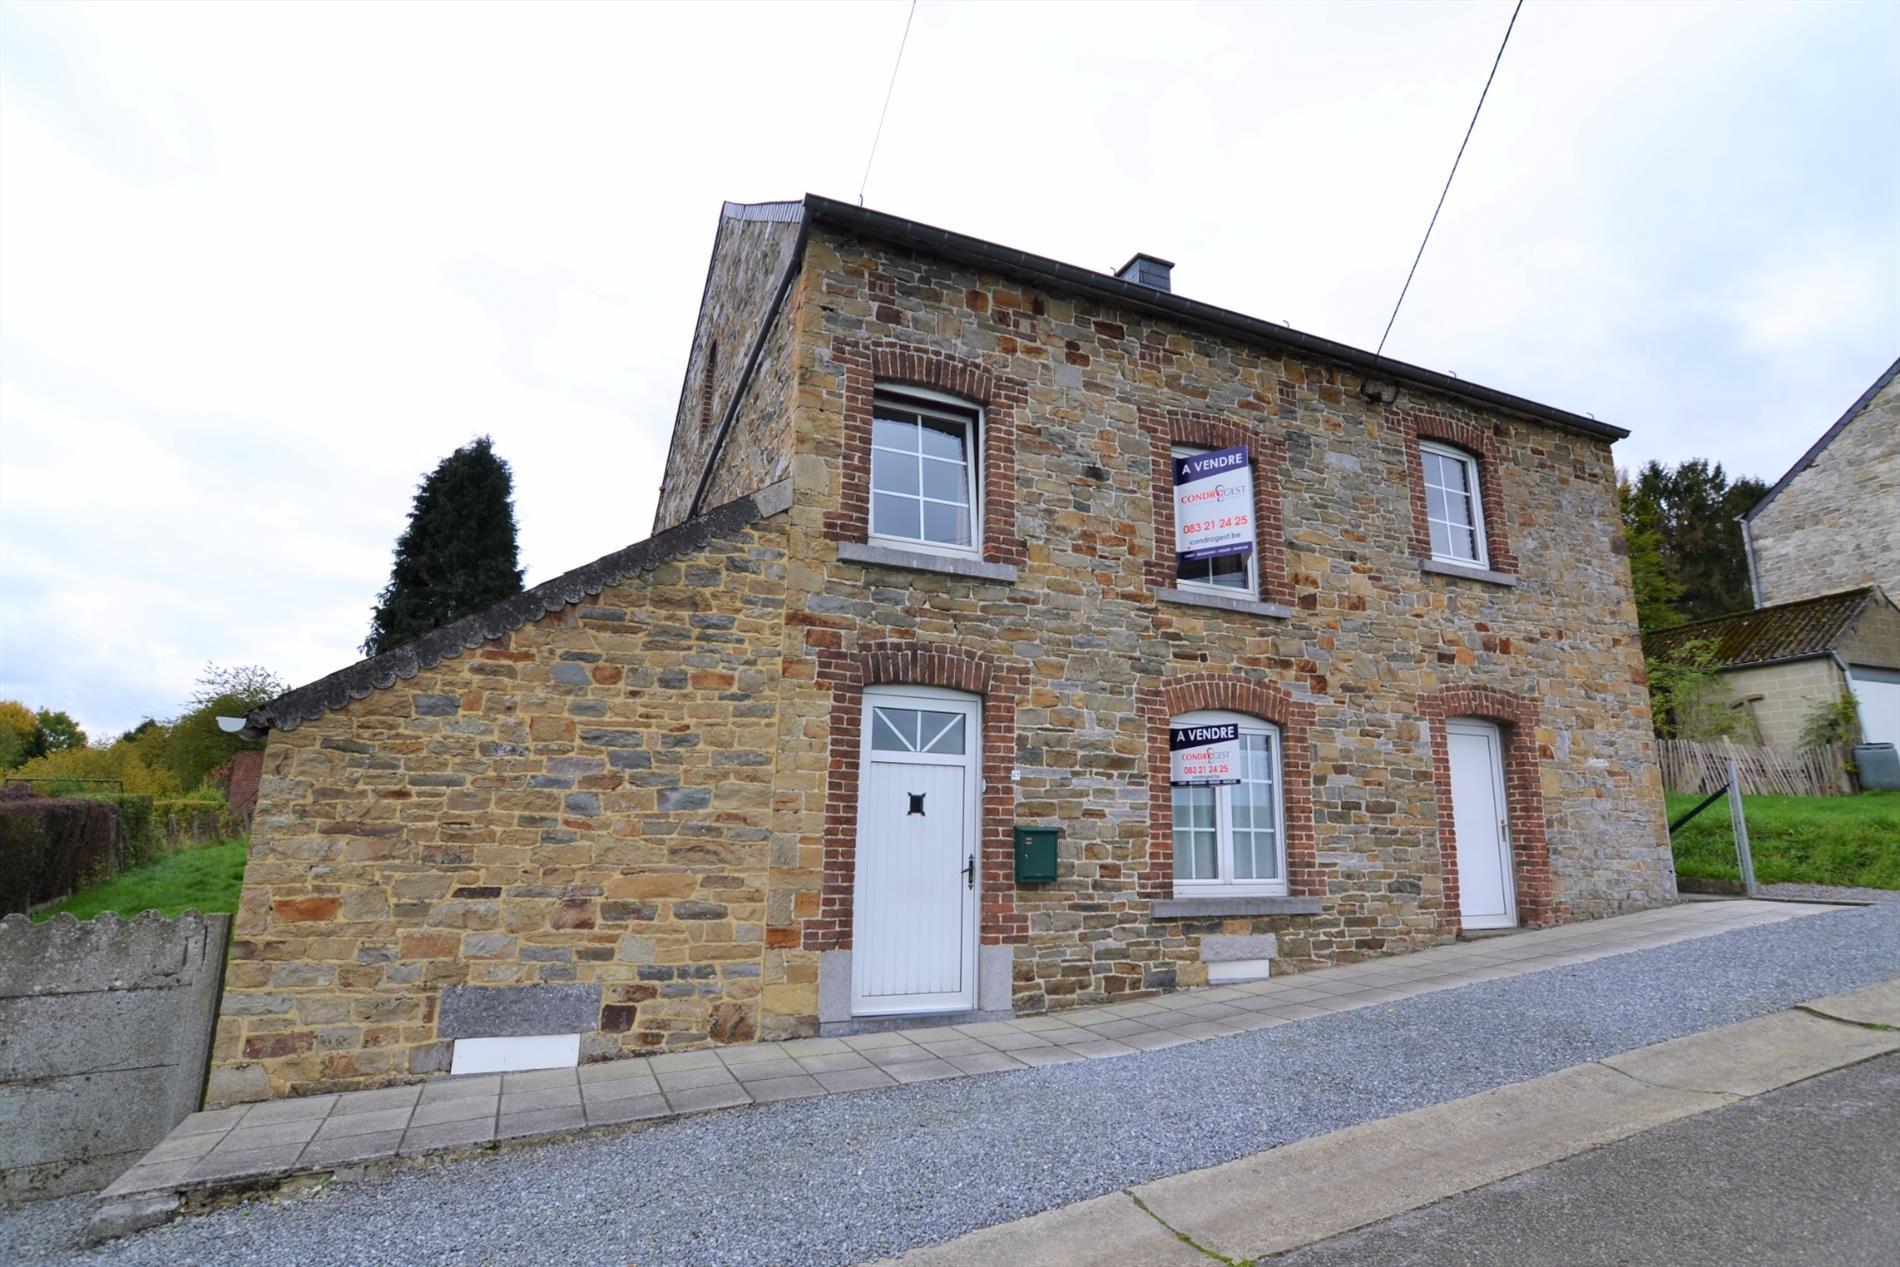 Vendu condrogest belle maison 4 fa ades en pierre maison for Maison options